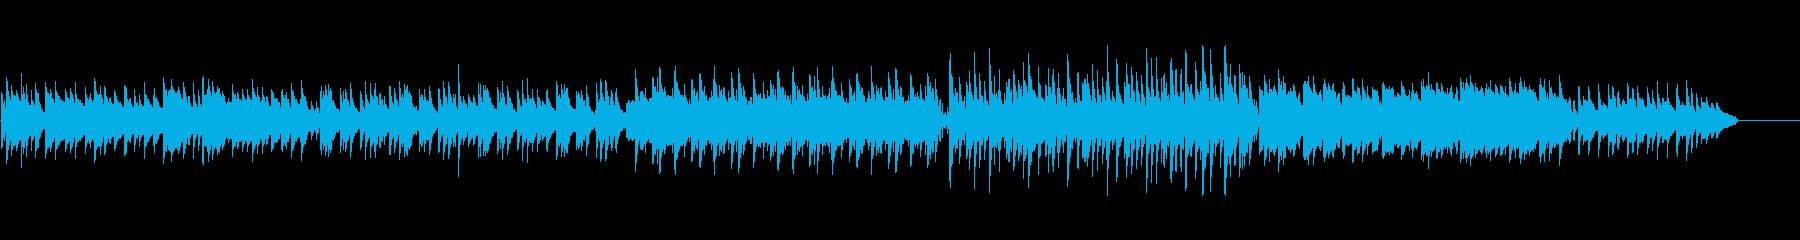 切ない物語の琴とピアノと尺八の和風曲の再生済みの波形